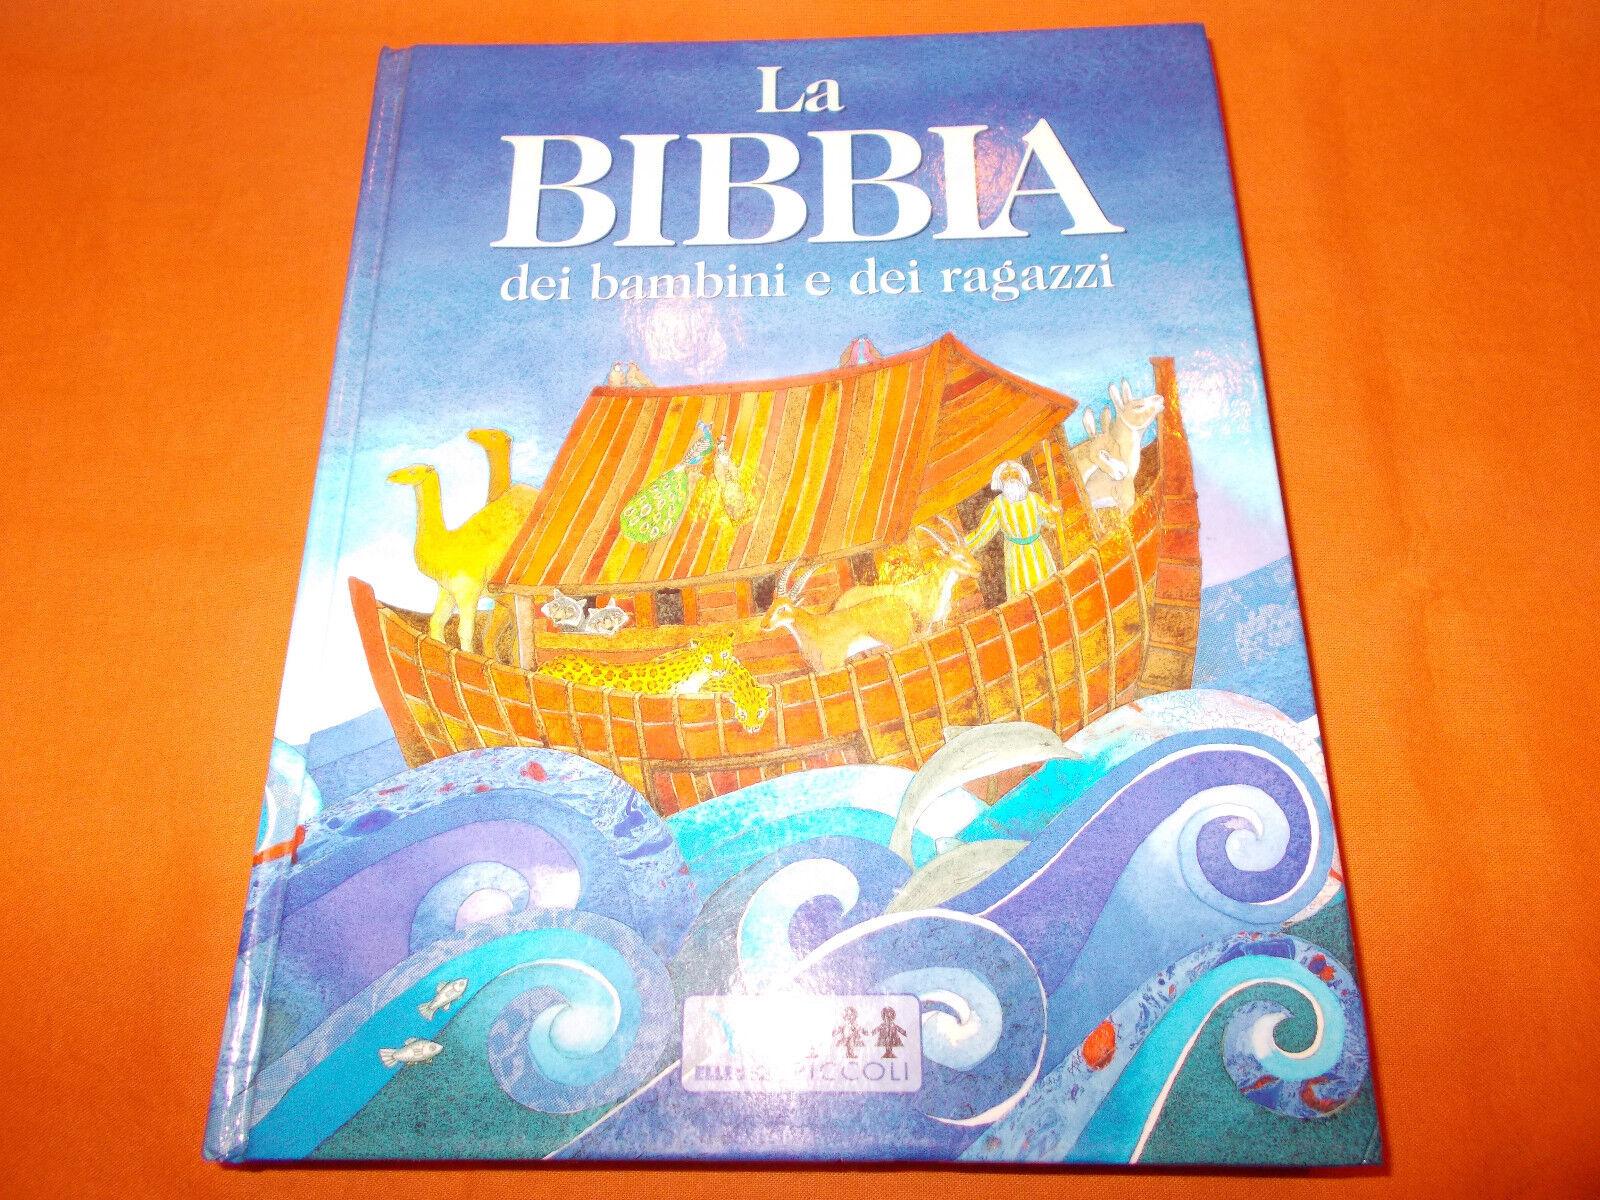 la bibbia dei bambini e dei ragazzi elledici piccoli 2003 a colori